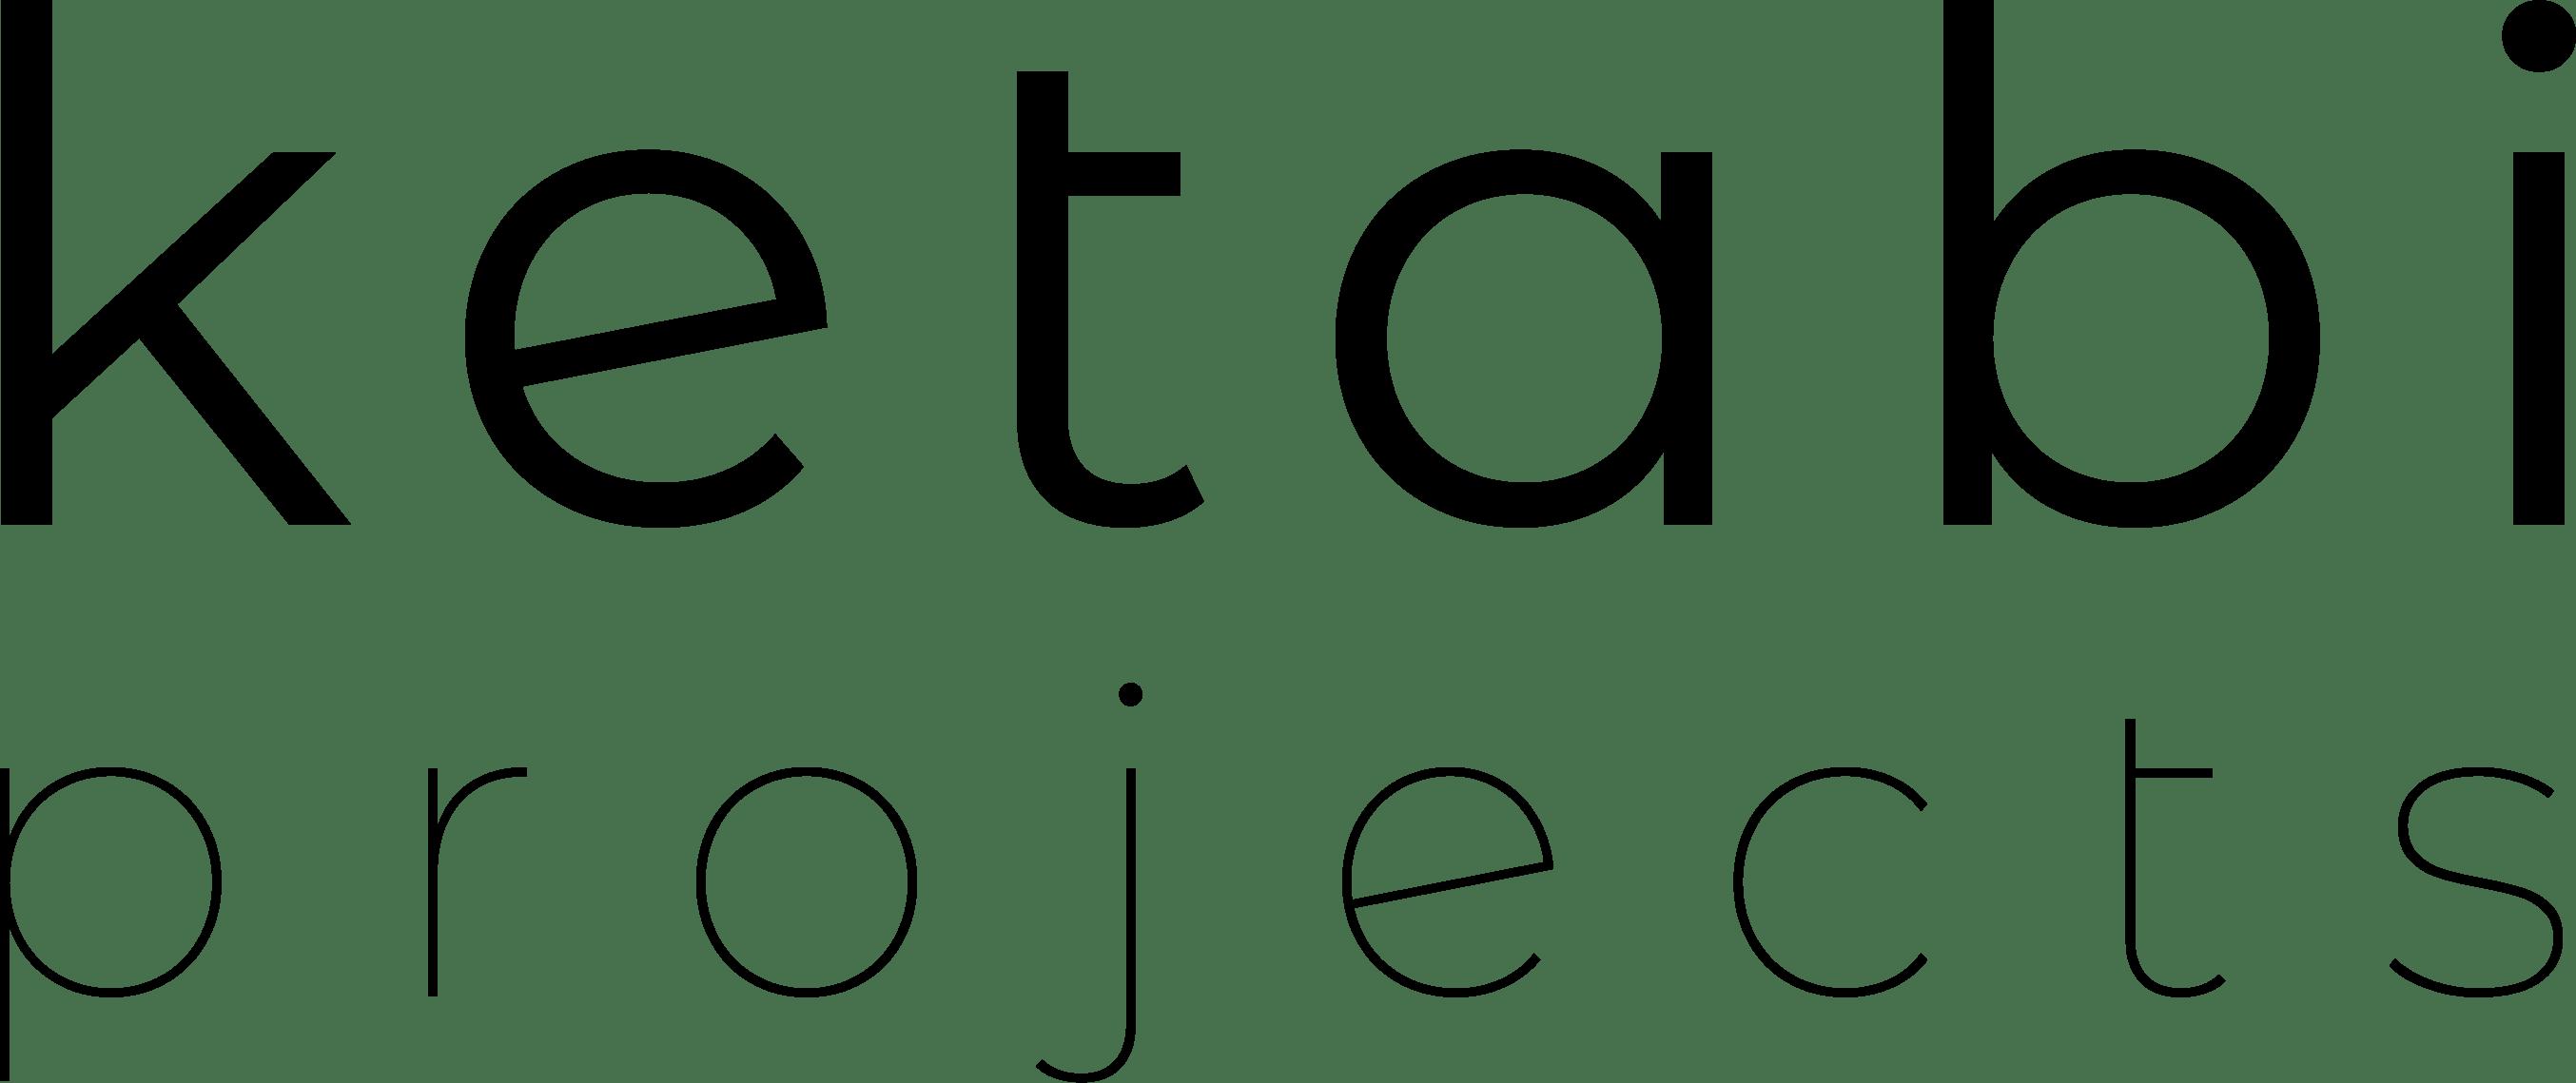 Ketabi Projects company logo